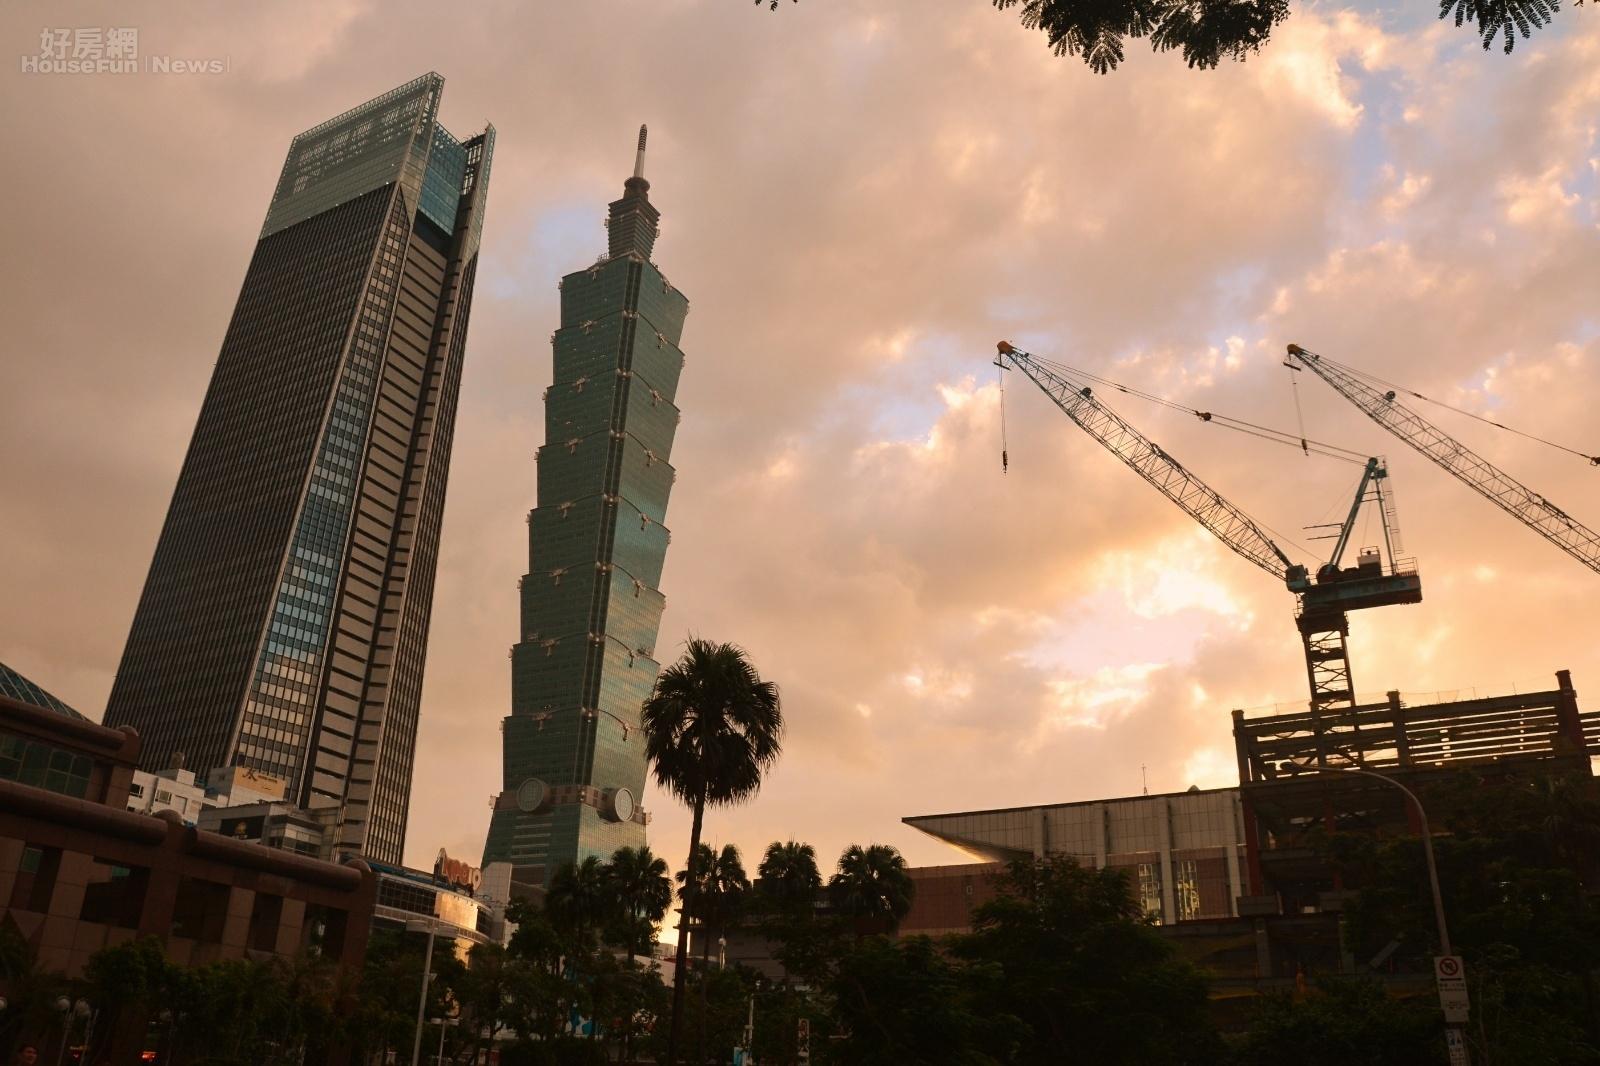 101大樓與南山人壽大樓廣場房市黃昏或者曙光圖。(好房網News記者 陳韋帆/攝影)